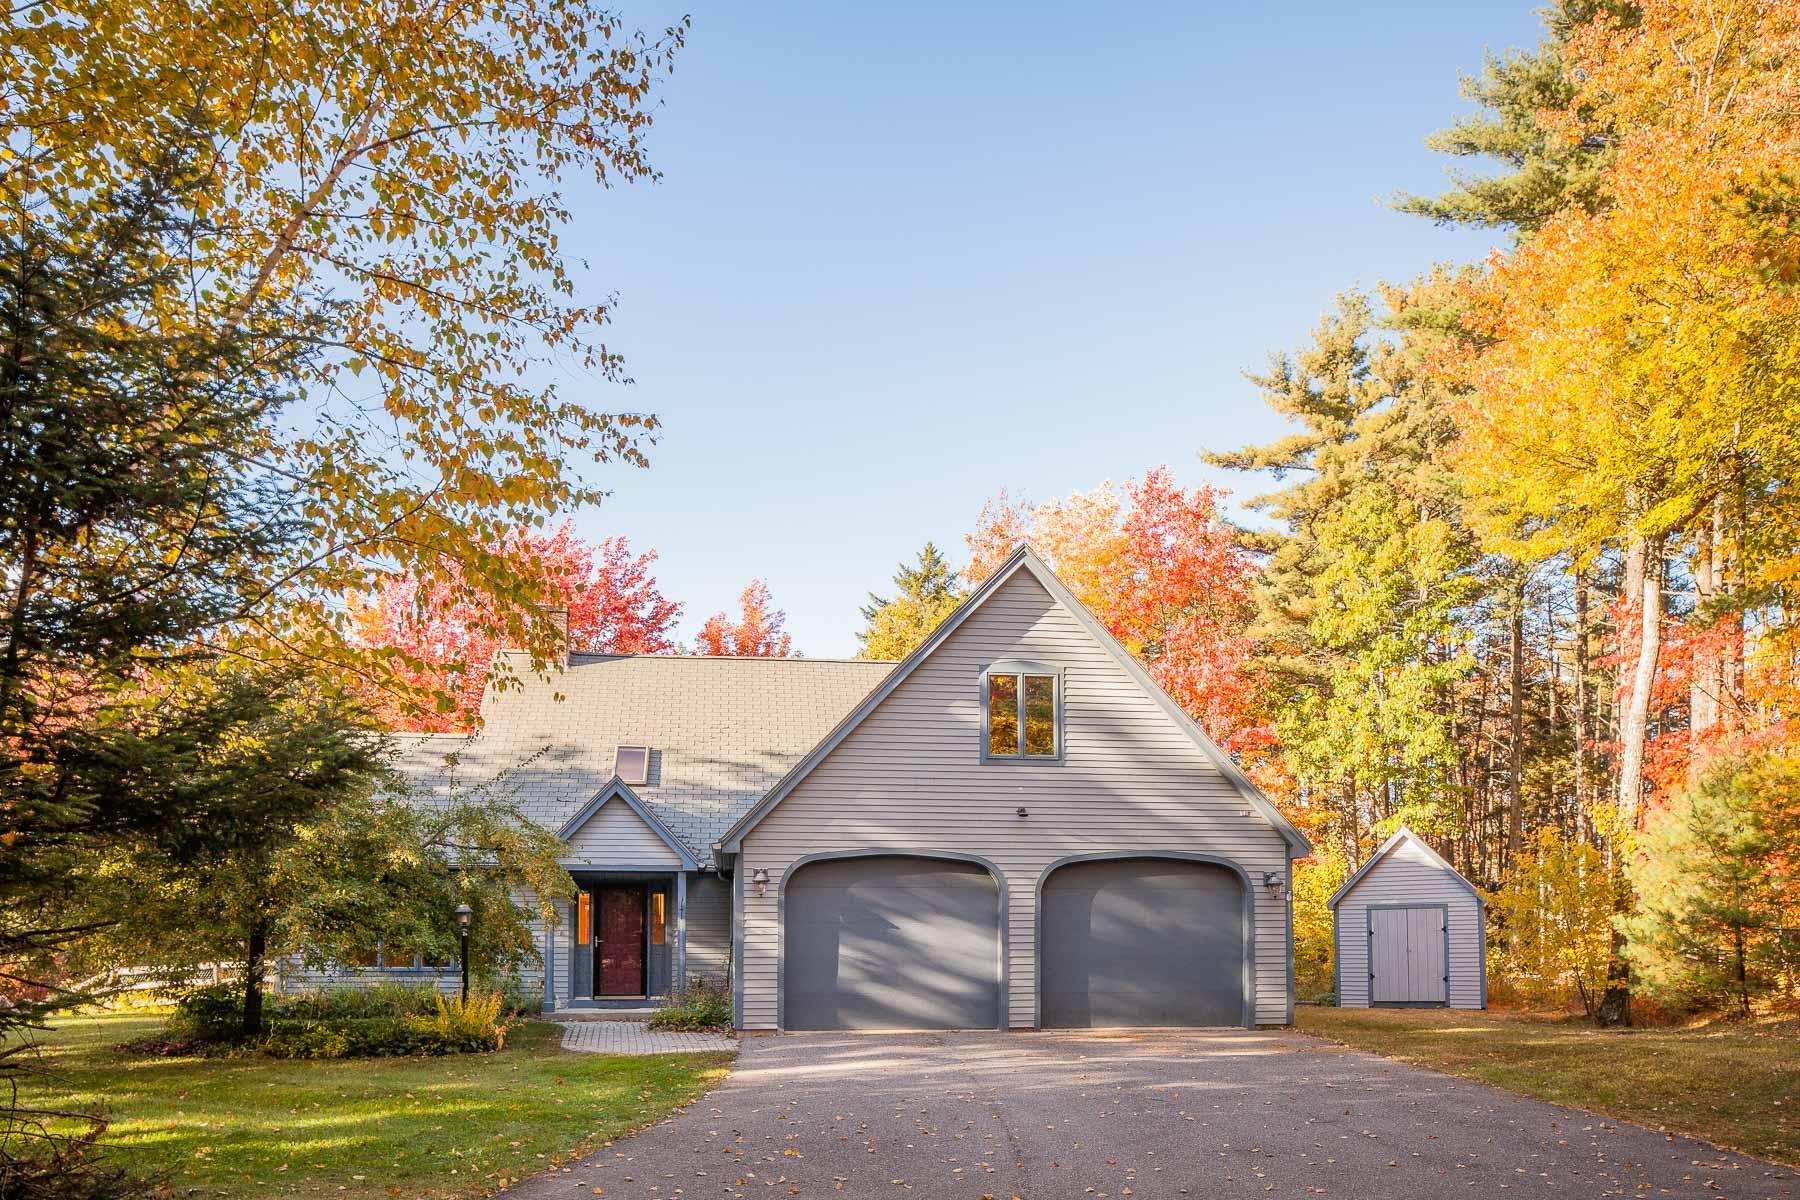 独户住宅 为 销售 在 345 Park Street 罗克波特, 缅因州, 04856 美国